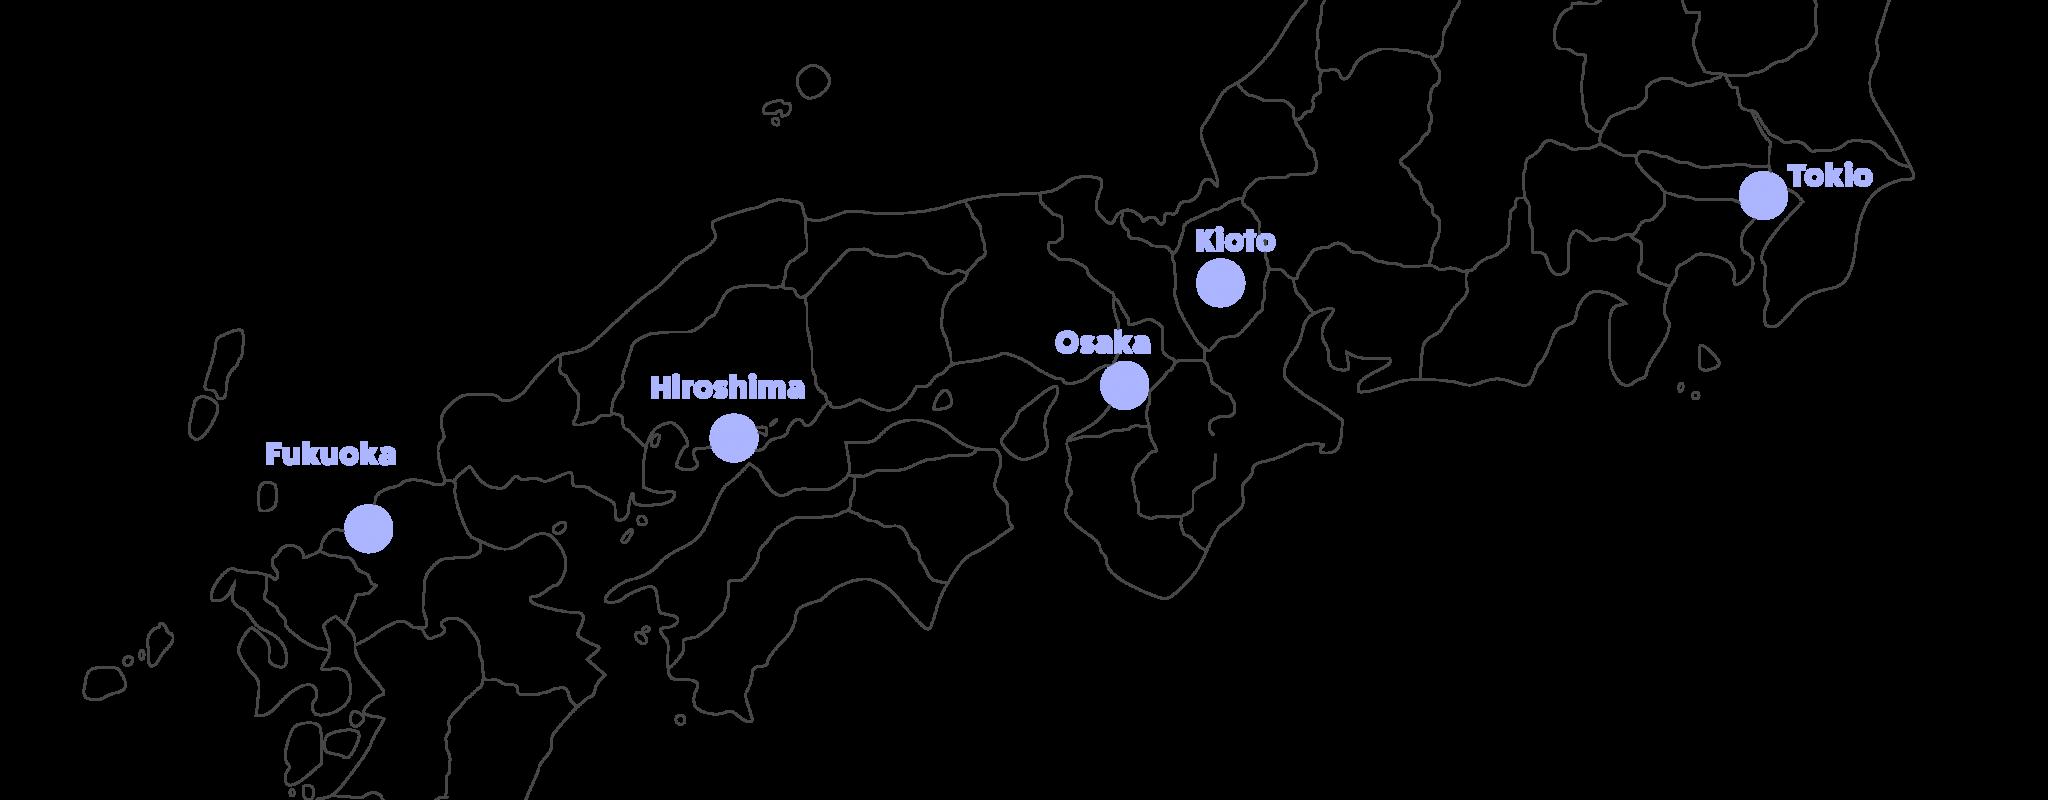 kartta jossa nara merkitty